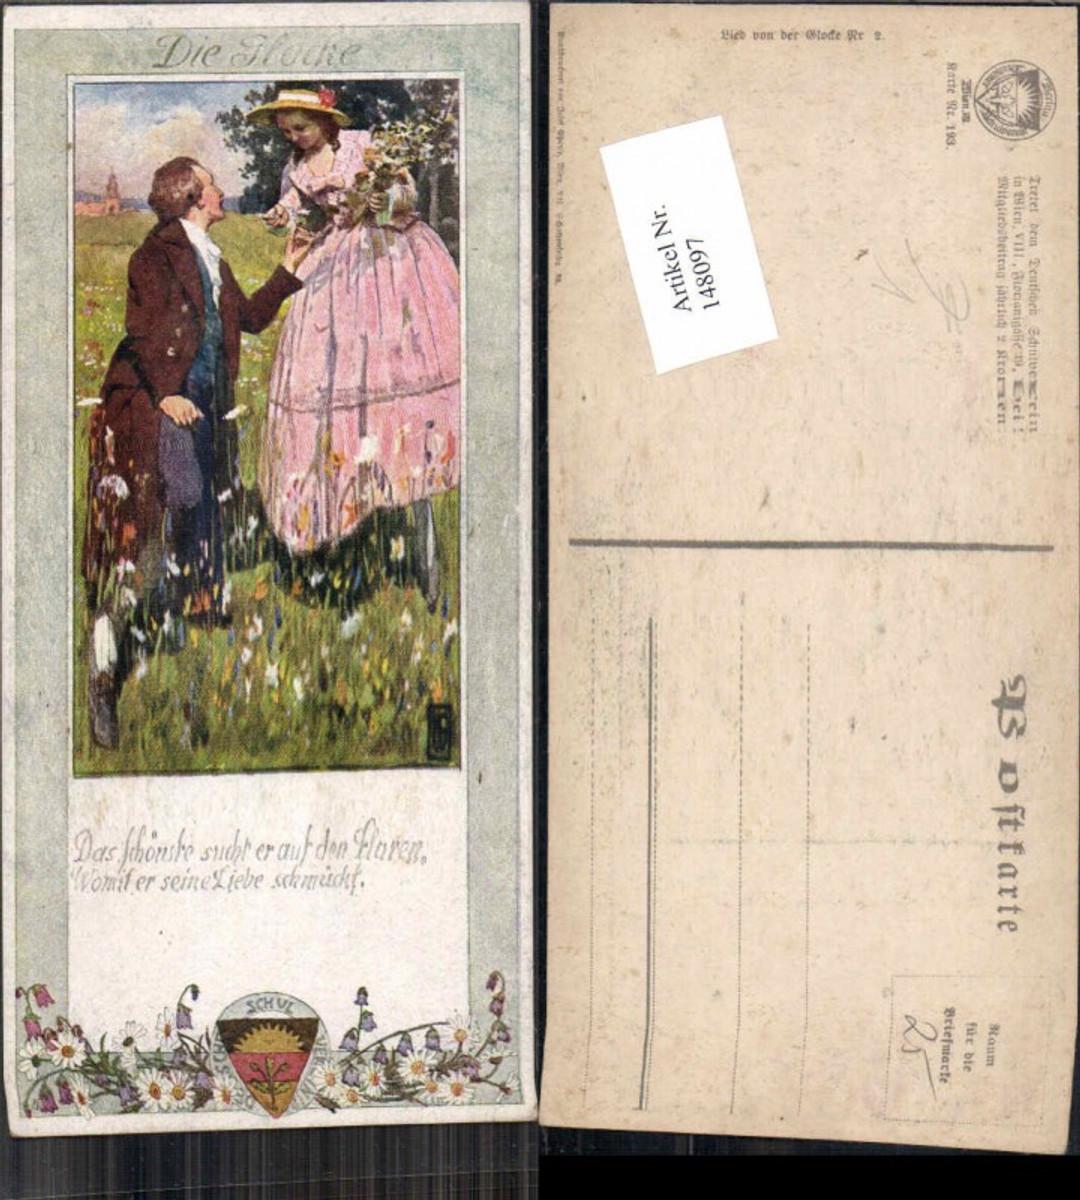 148097,Dt Schulverein 193 Lied von der Glocke 2 günstig online kaufen